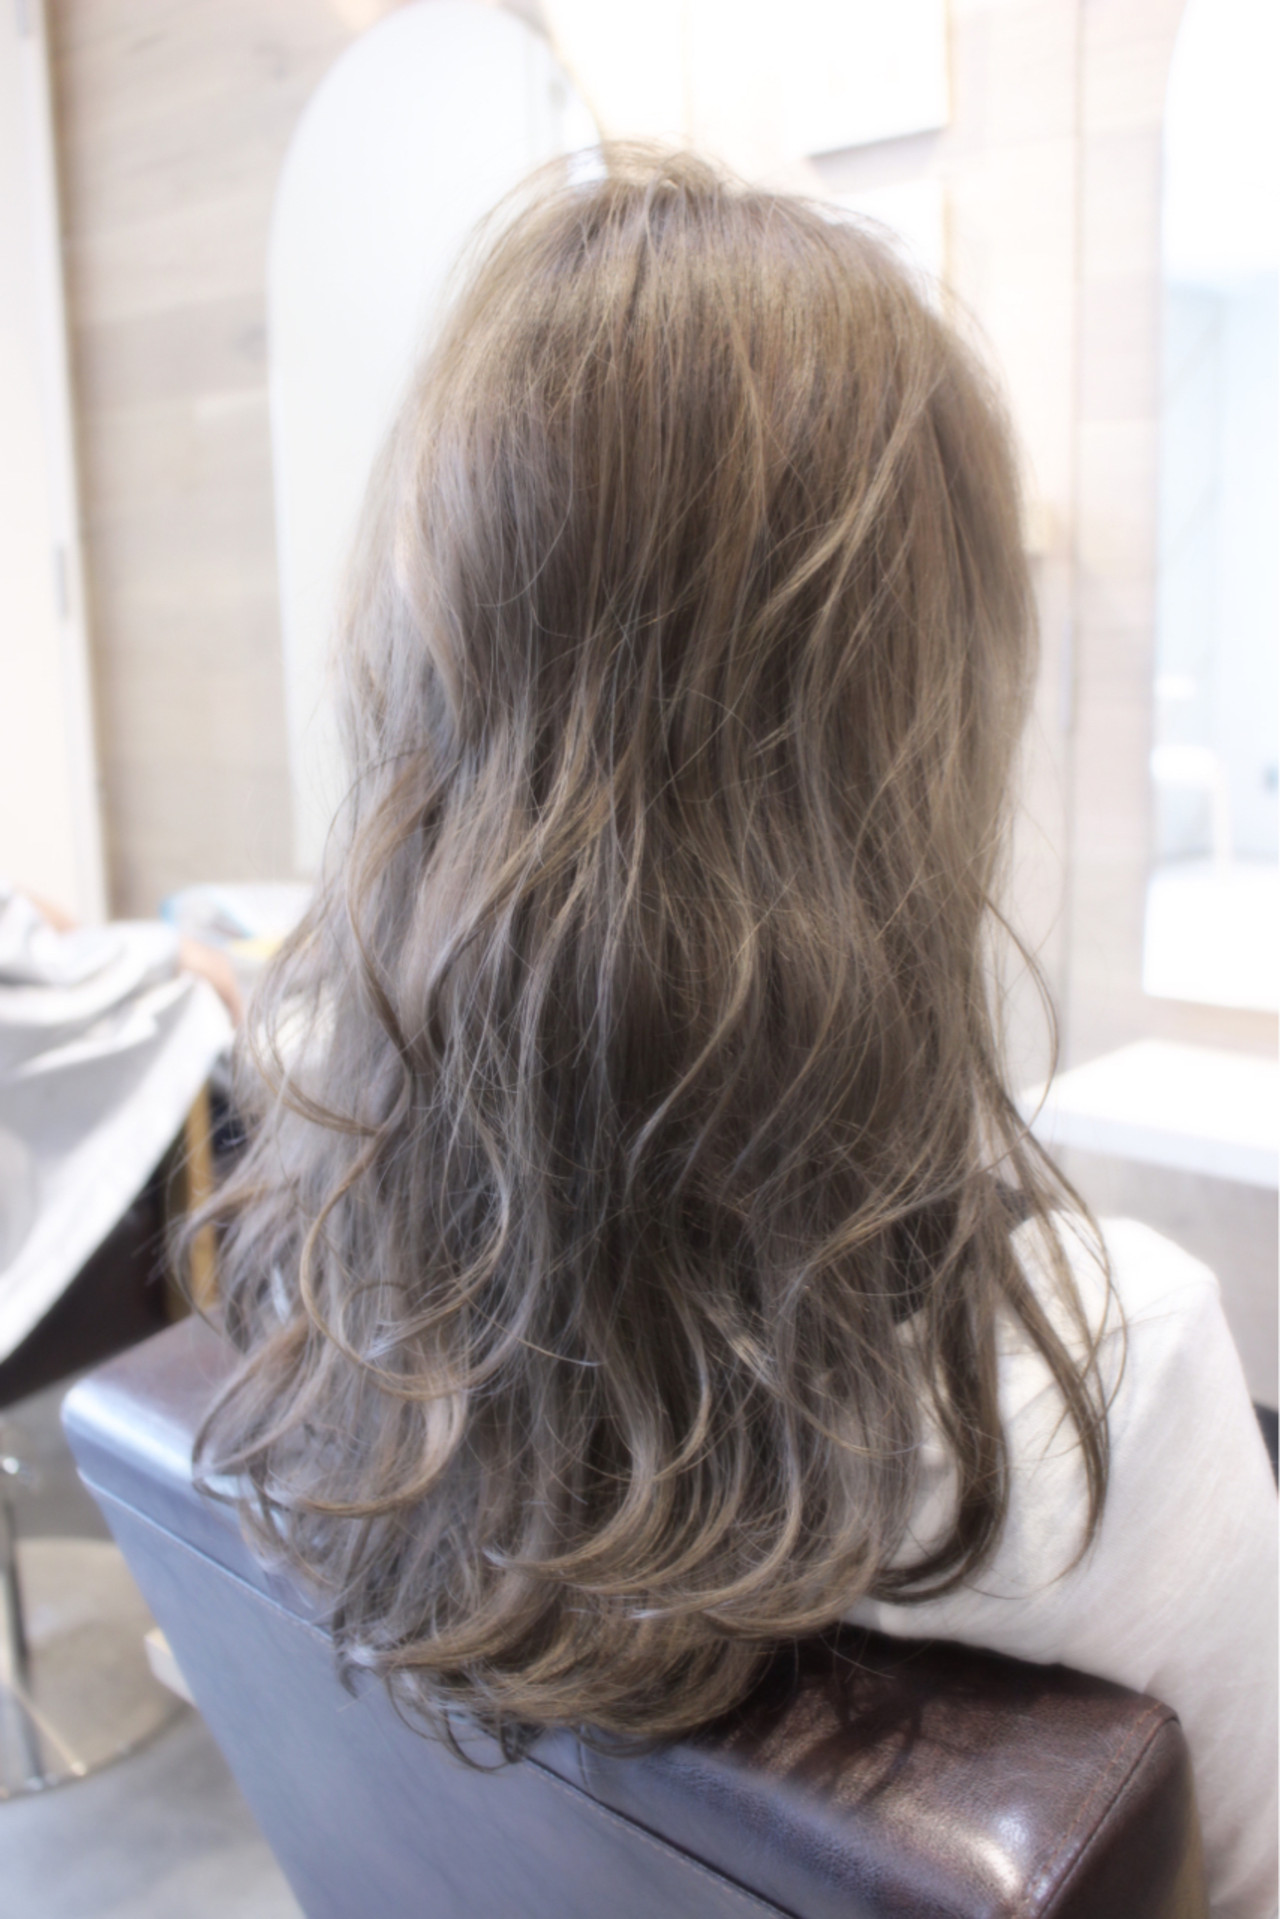 ナチュラル くせ毛風 ゆるふわ アッシュ ヘアスタイルや髪型の写真・画像